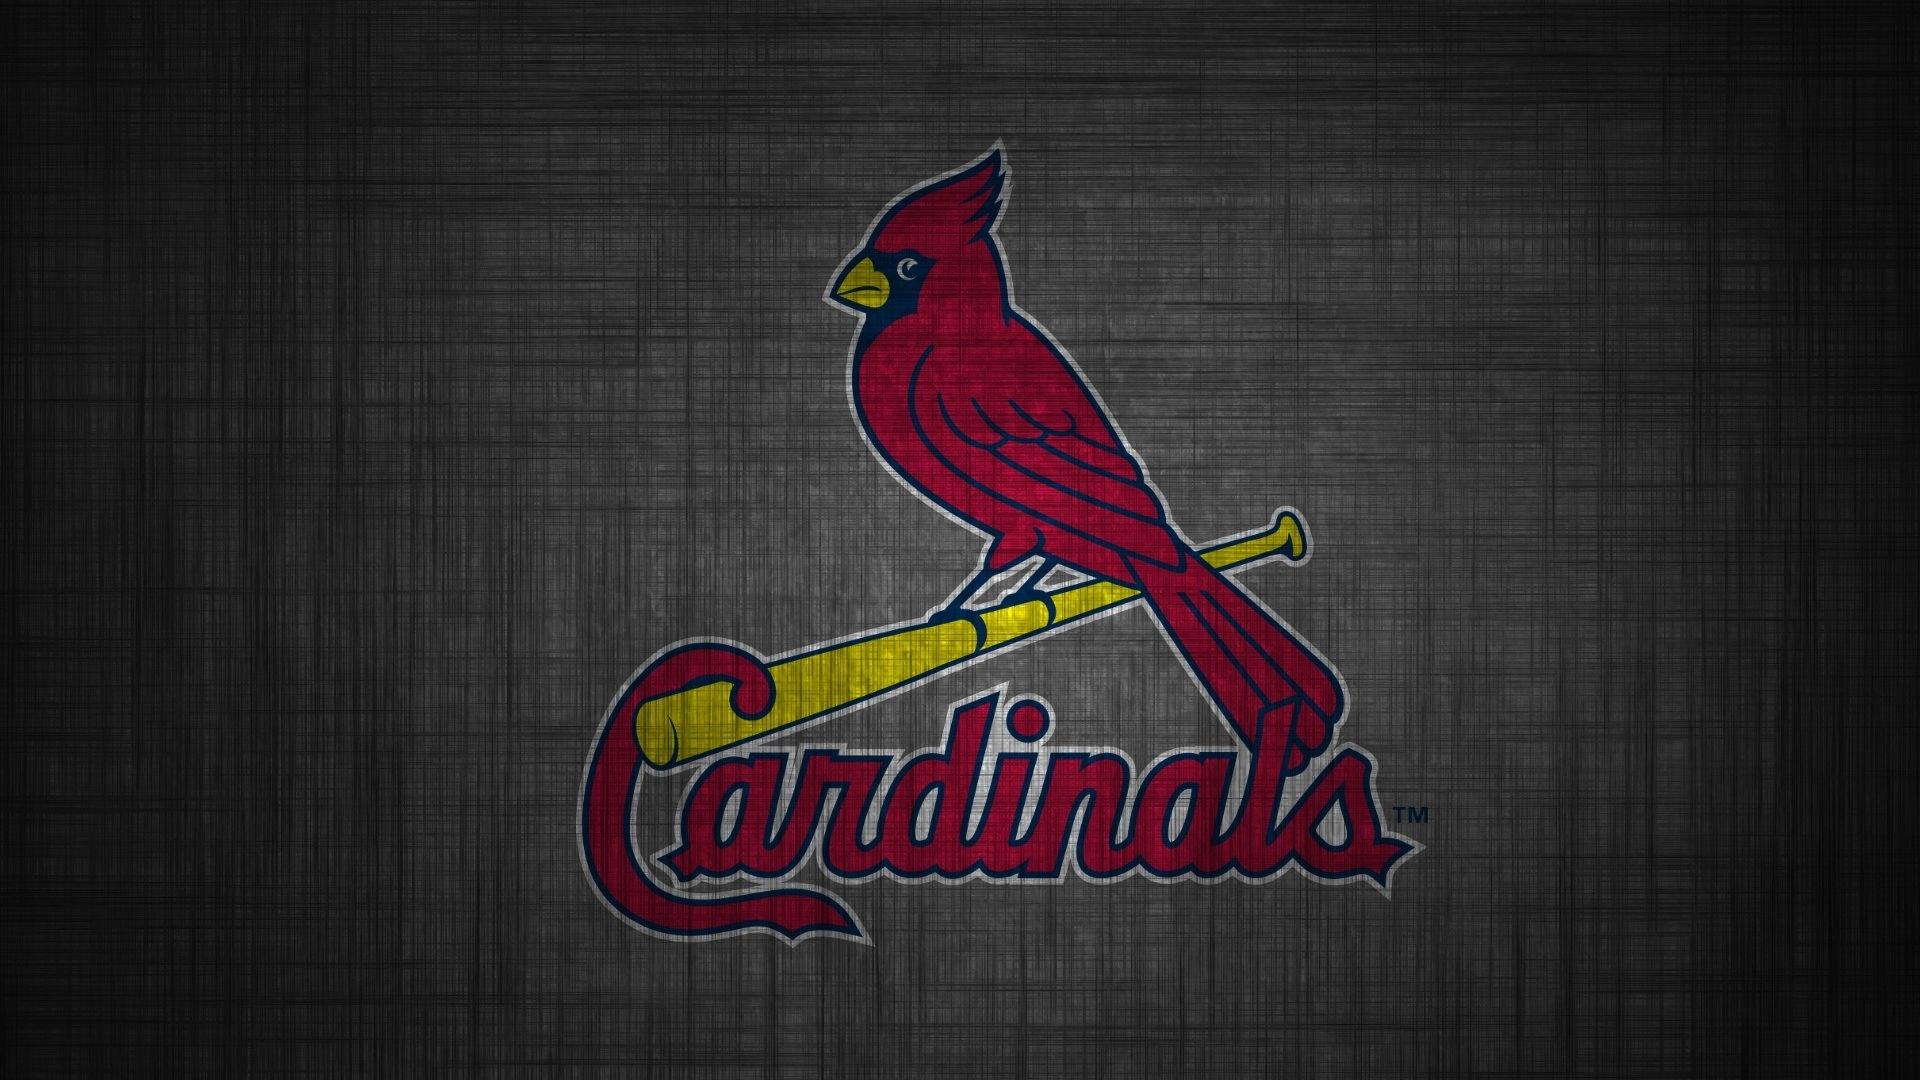 best st louis cardinals free desktop wallpaper hd images widescreen